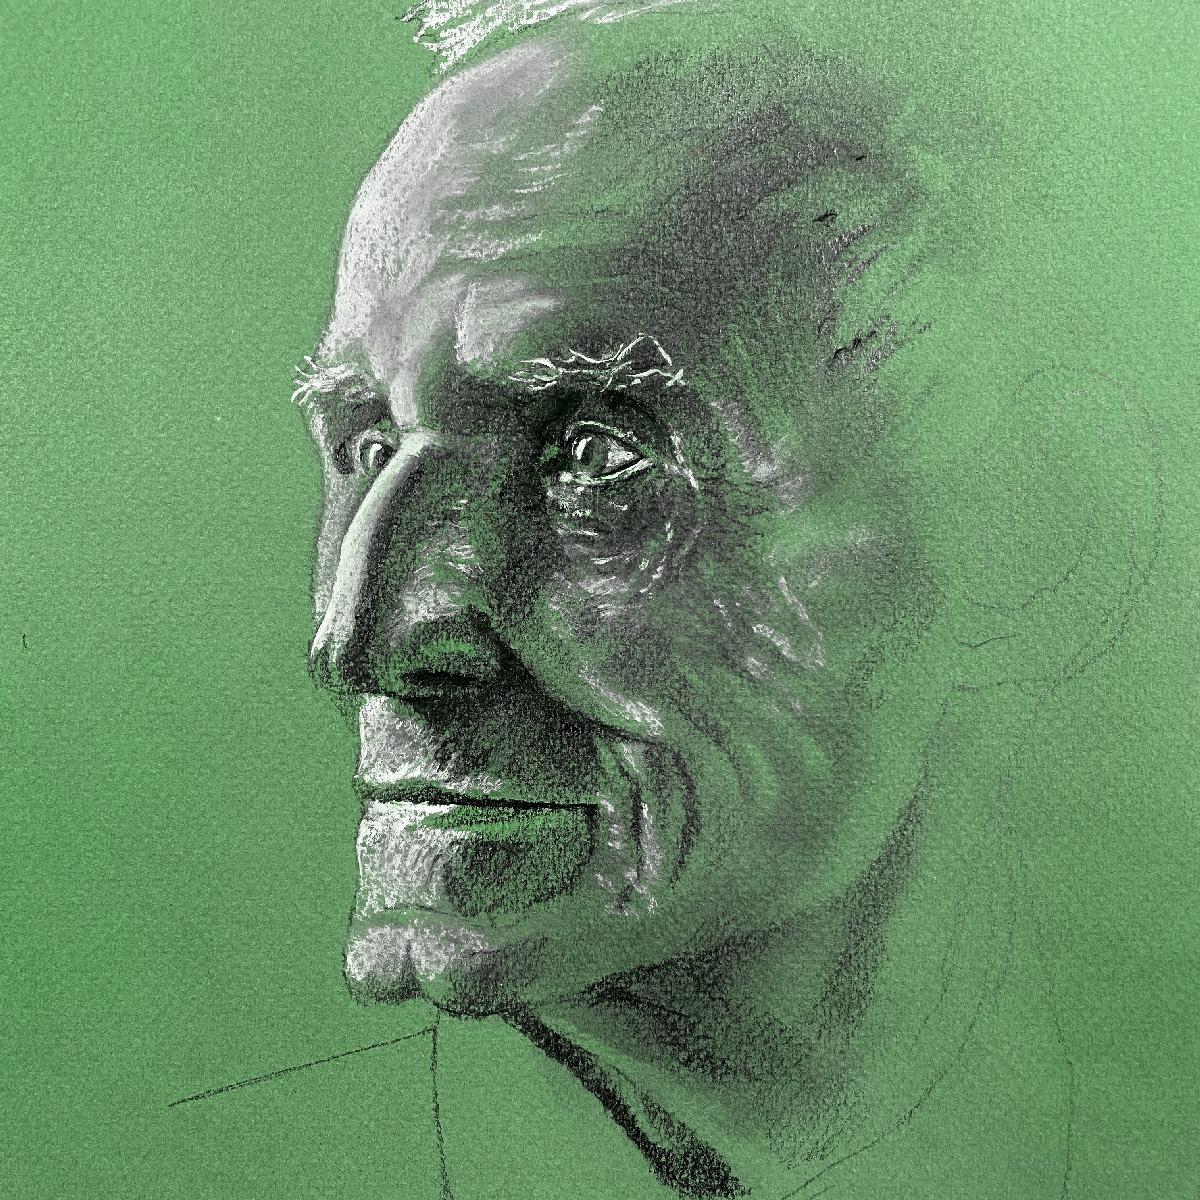 ritratto a matita carboncino stefano marvulli artista italiano